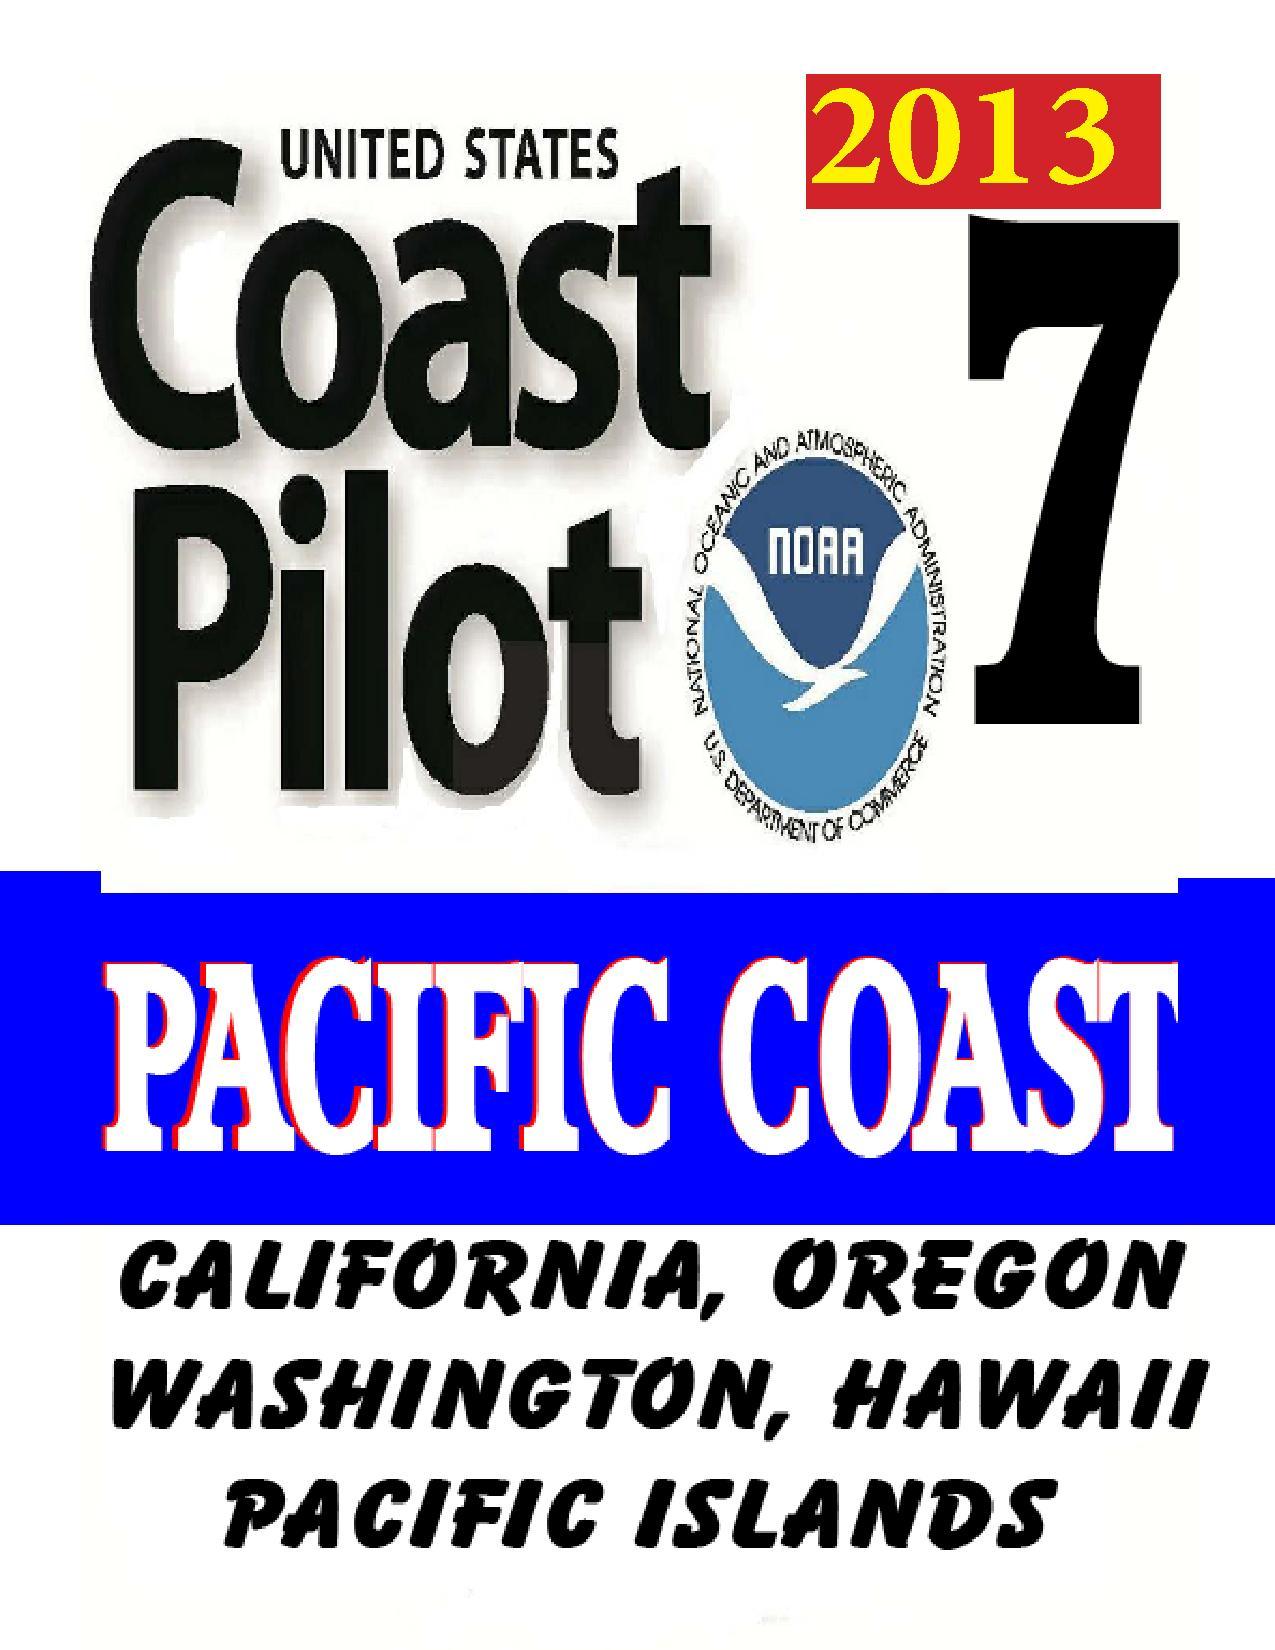 US Coast Pilot 7 Pacific Coast California, Oregon, Washington, Hawaii and Pacific Islands EB2370004544144